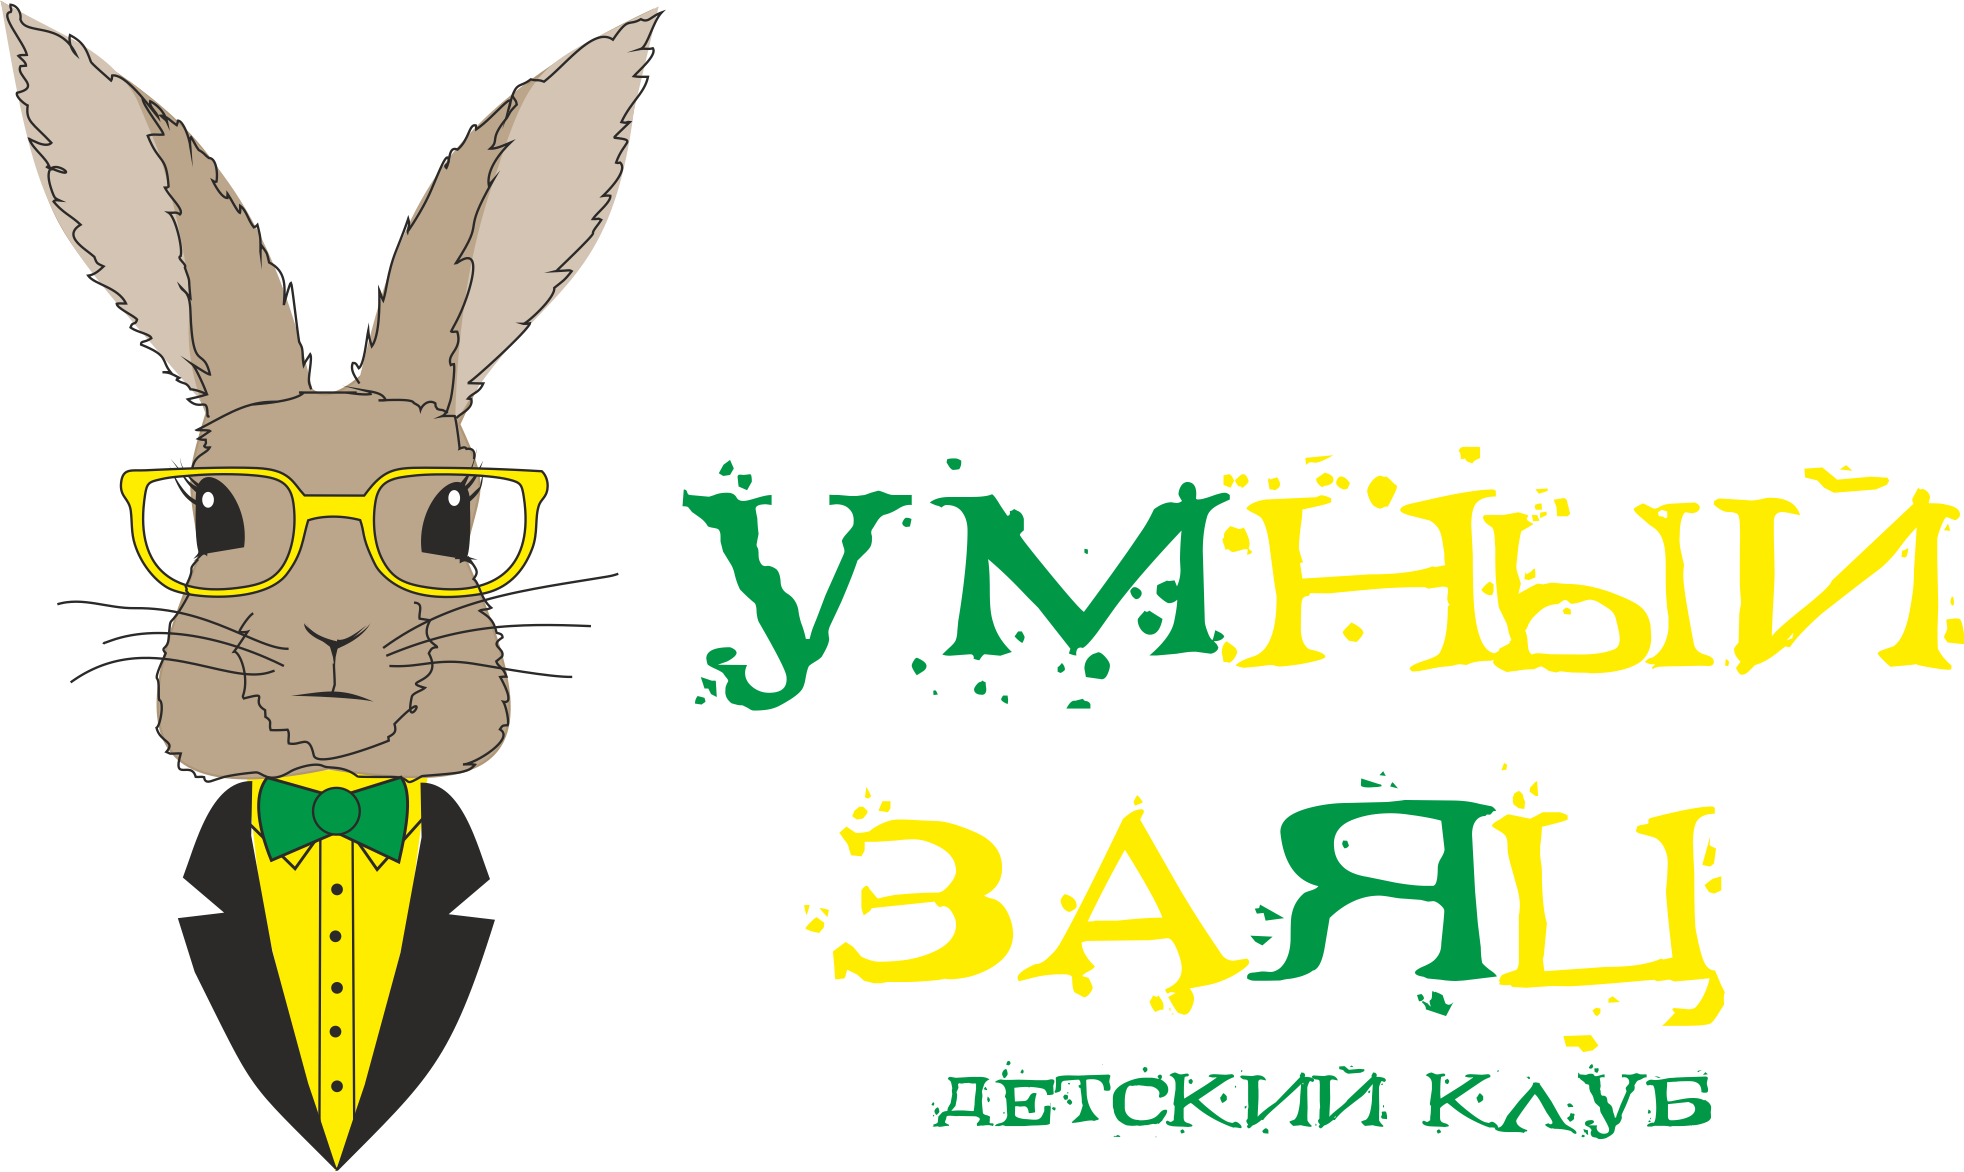 Разработать логотип и фирменный стиль детского клуба фото f_53155520a6c4ba02.png